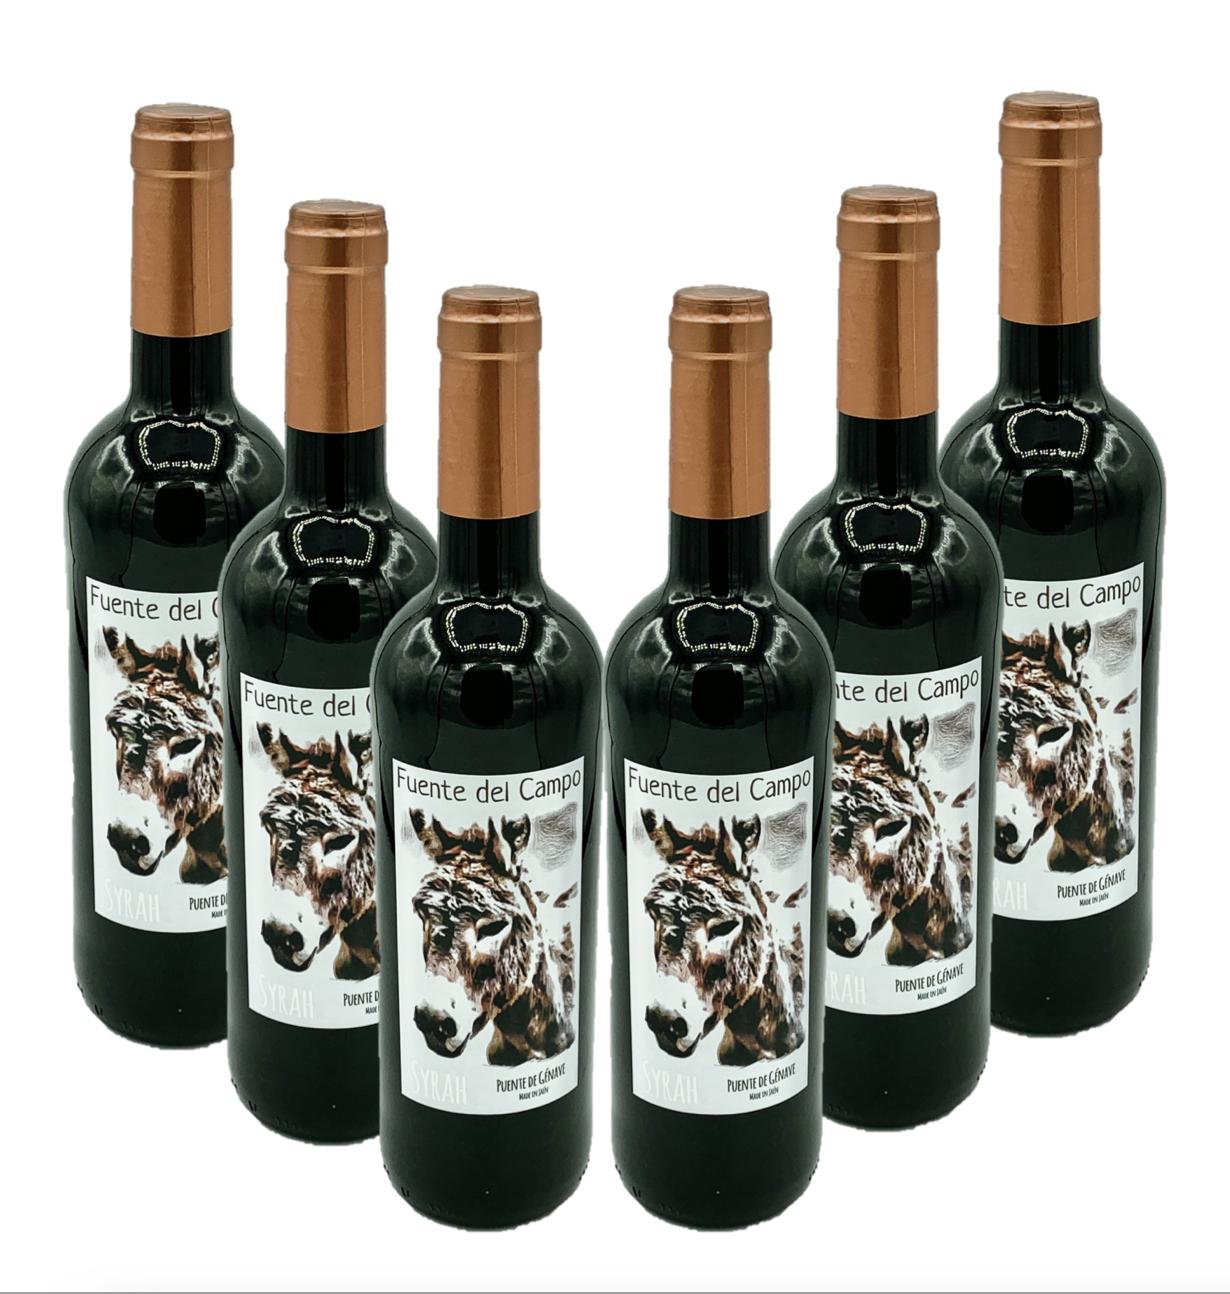 6 Botellas Vino de Jaén - Fuente del Campo Syrah